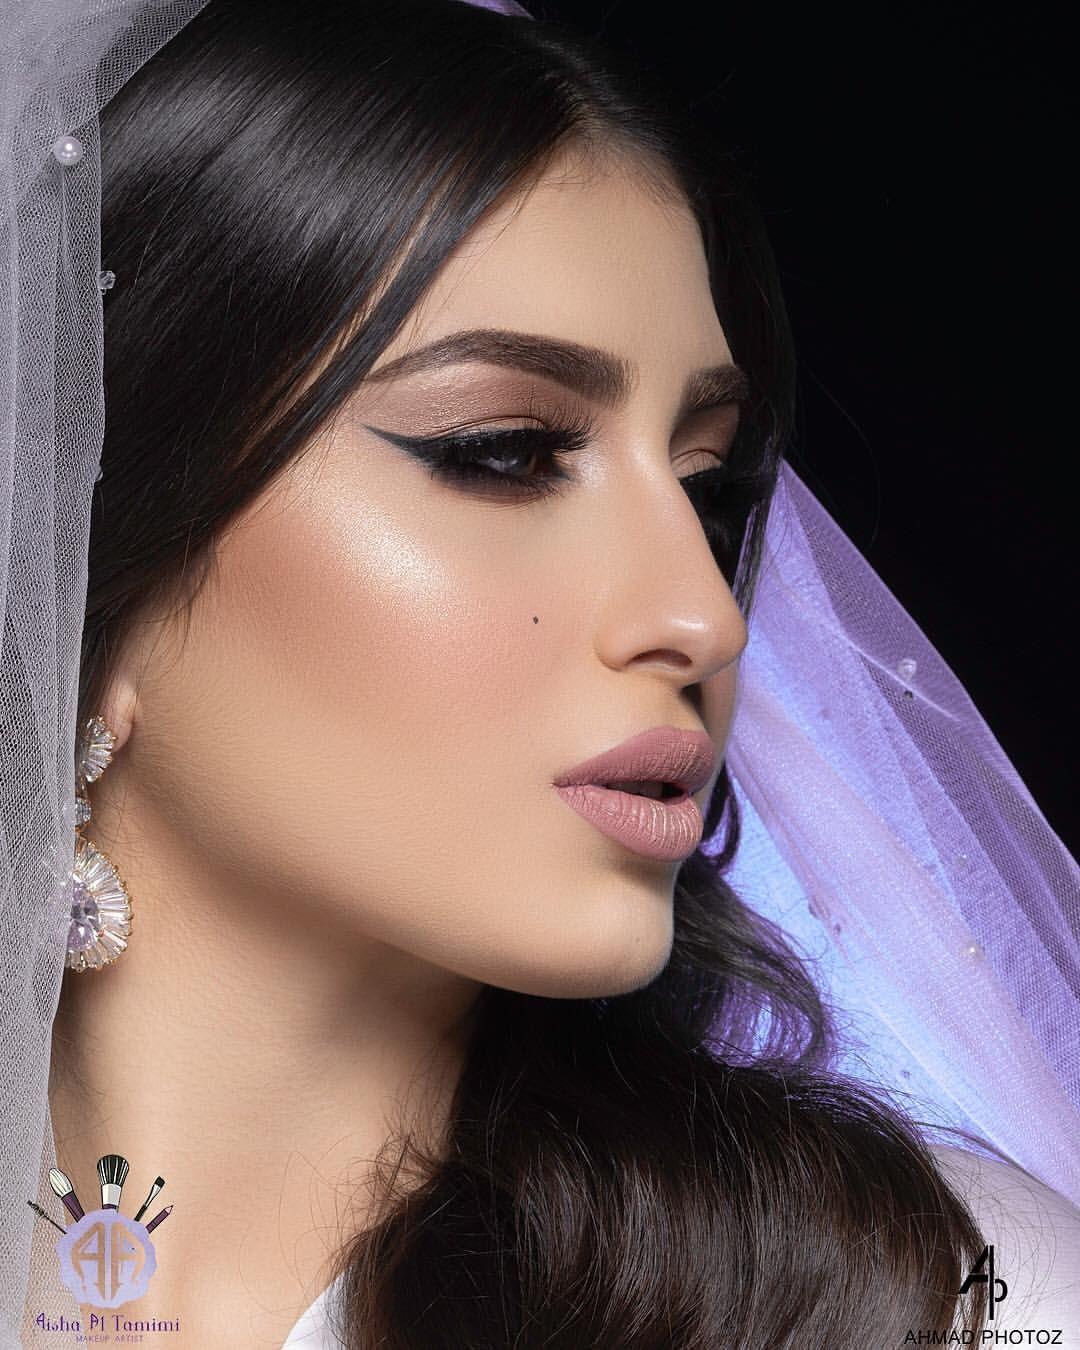 Pin By Siti Sopiah On Beautiful Pics Simple Makeup Interesting Faces Beauty